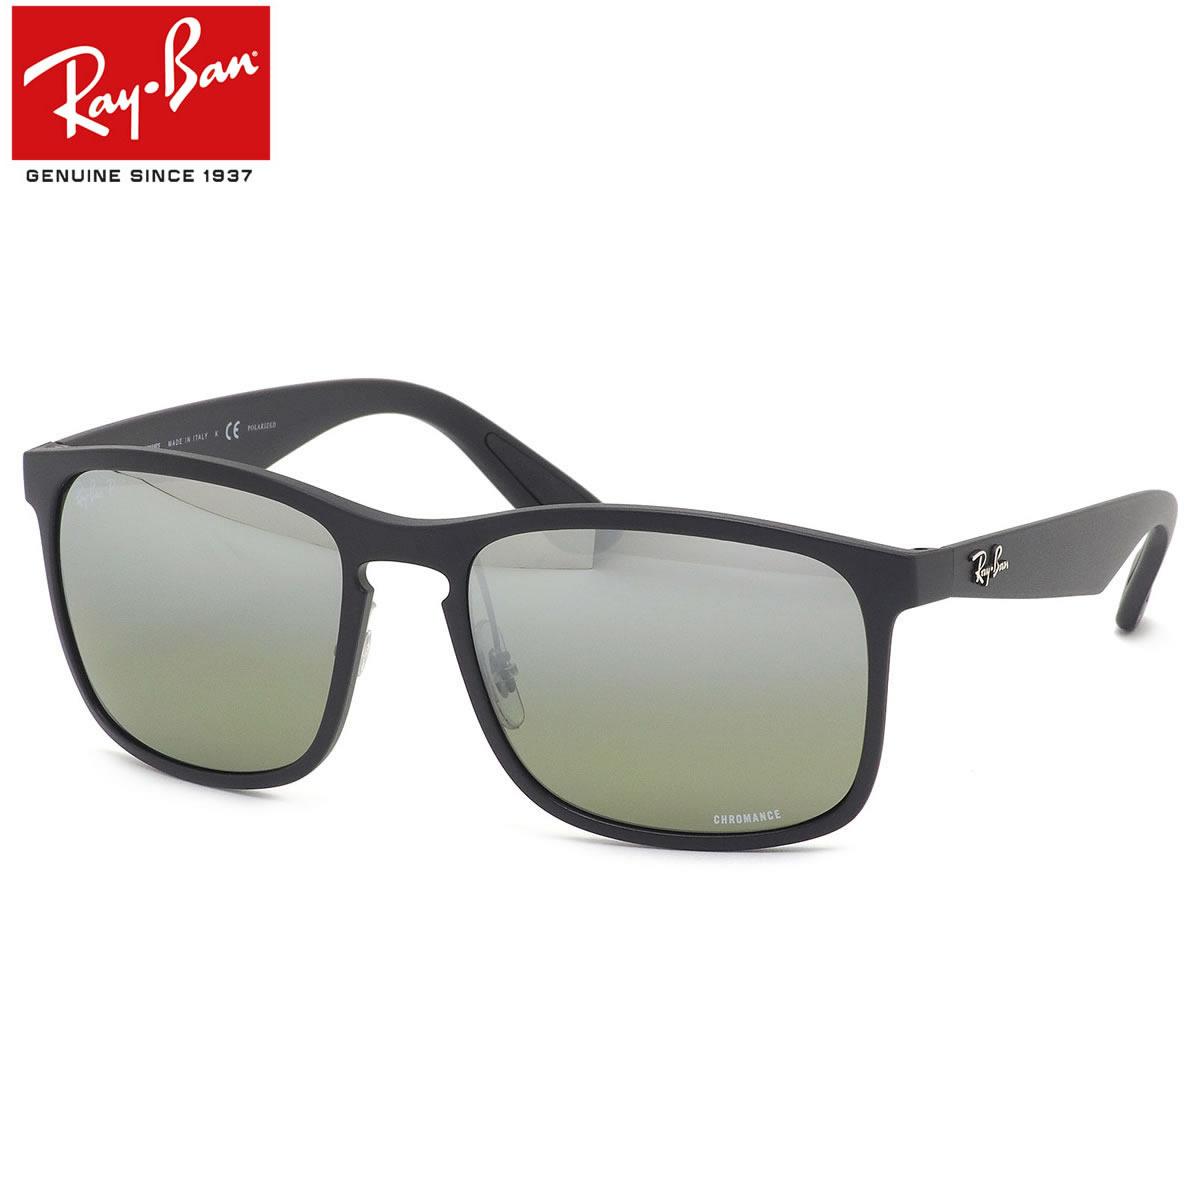 Ray-Ban レイバン サングラス RB4264 601S5J 58サイズ CHROMANCE クロマンス スクエア 偏光レンズ 偏光サングラス メンズ レディース